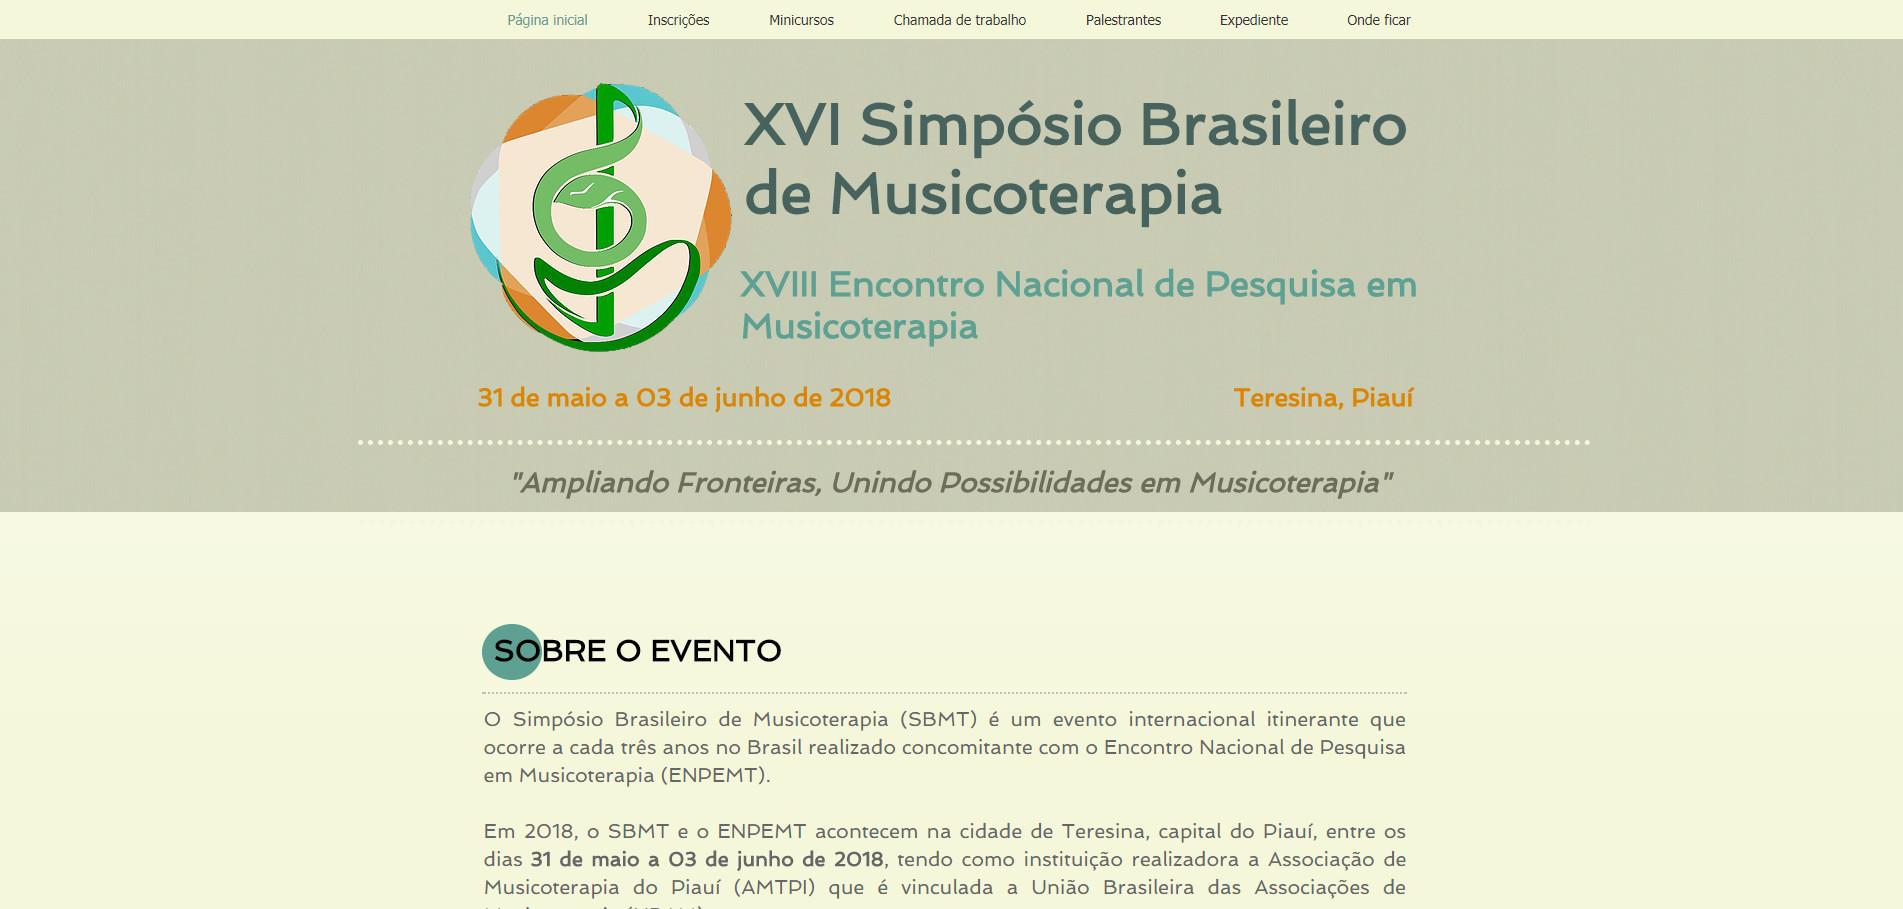 XVI Simpósio Brasileiro de Musicoterapia